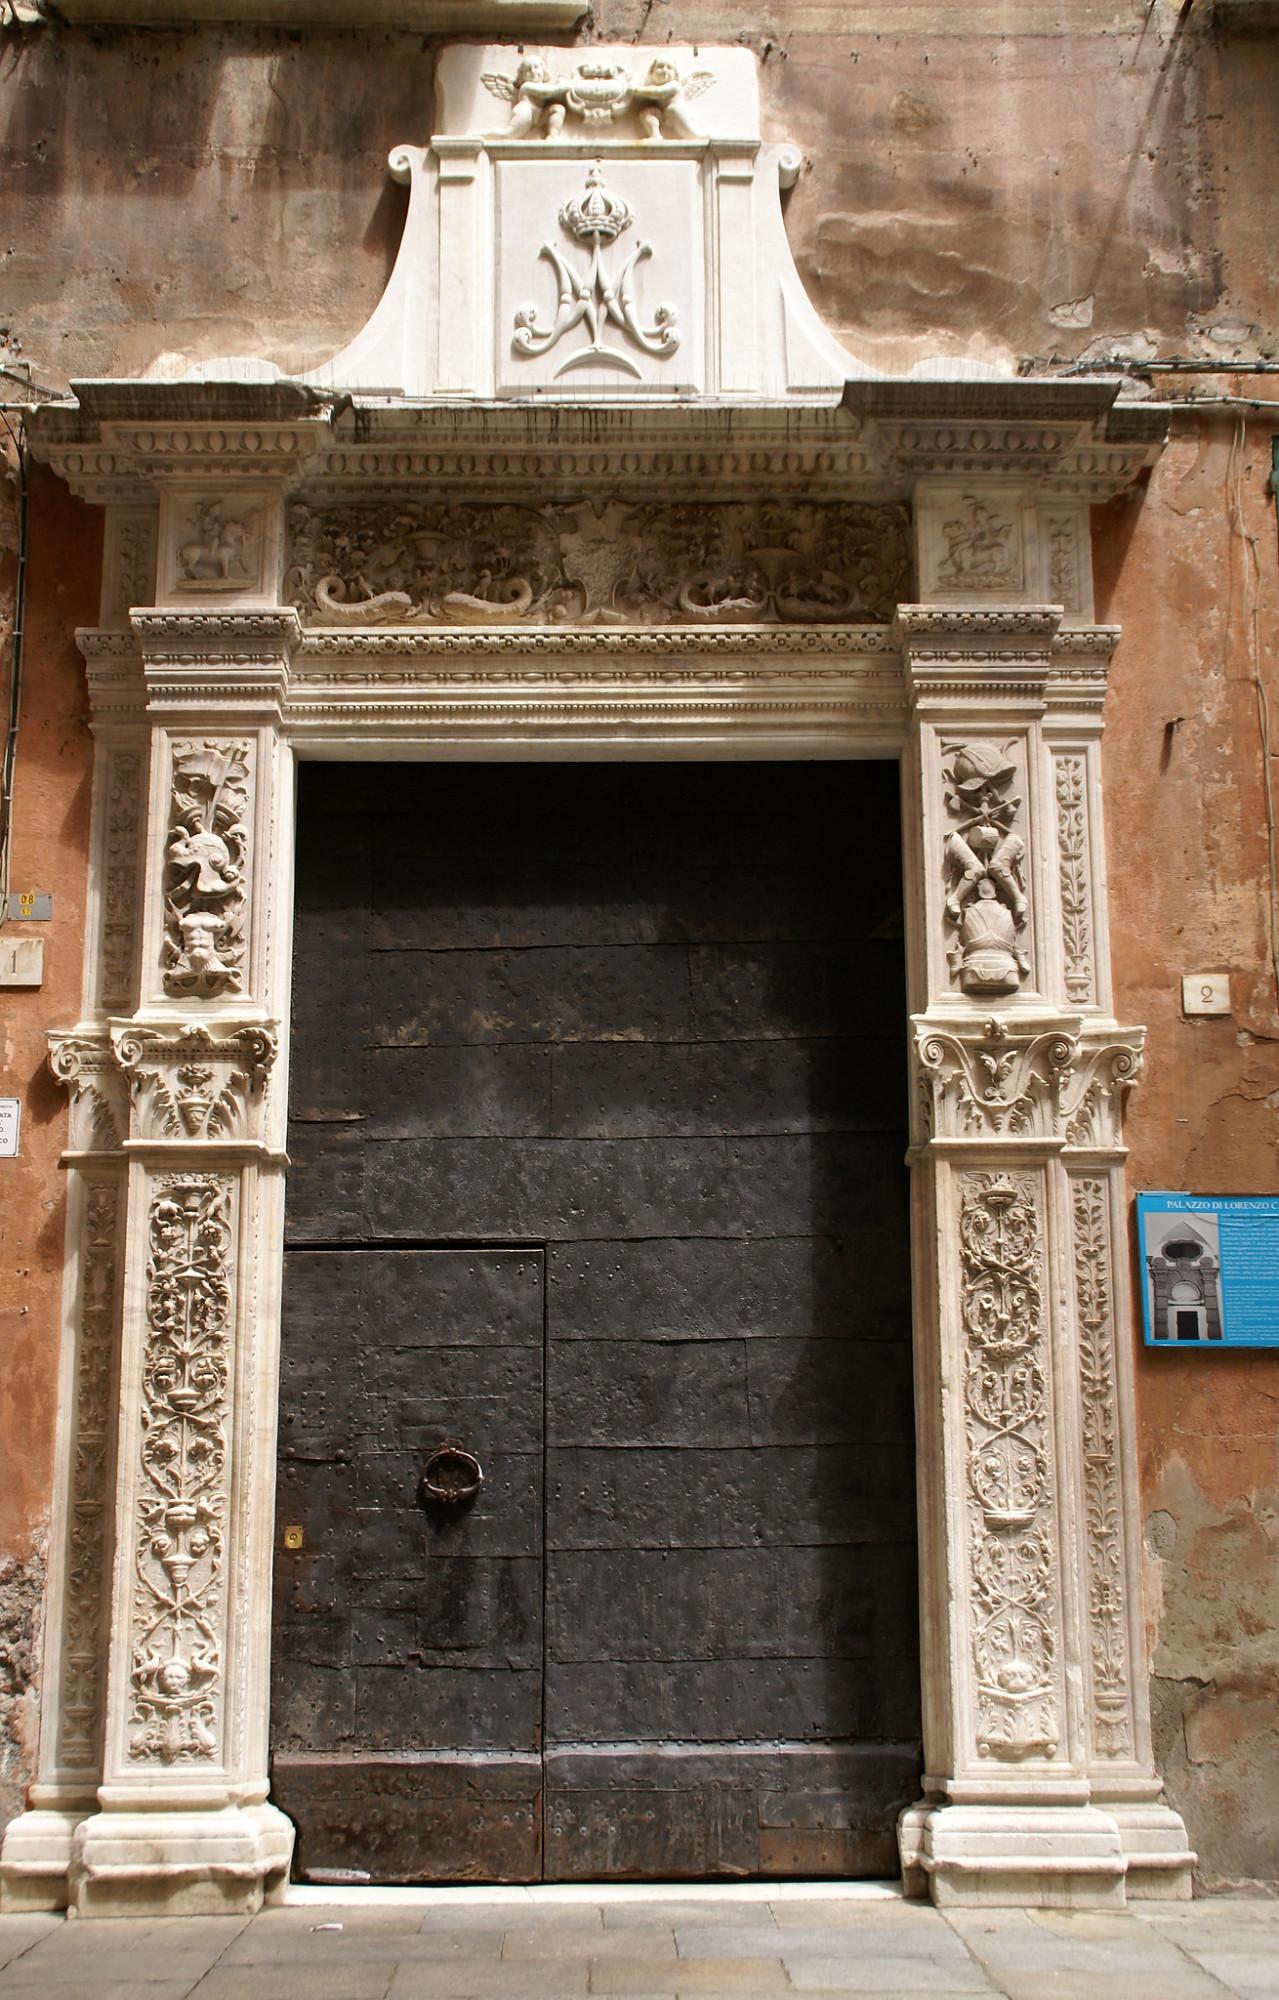 """В старой Генуе, где обшарпанные здания, сомкнув ряды образуют узкие улочки ( в Генуе они называются каруджи), постоянно натыкаешься на маленькие открытия.Мы обедали в траттории, которая называлась """"Грилло парланте"""", что можно перевести, как Говорящий сверчок ( и это отсылает к знаменитому Пиноккьо, который почти родственник толстовскому Буратино).На этой  же улочке я заметила дом с  потрясающей  украшенной резьбой по сверкающему мрамору старую железную дверь. Этот контраст и зацепил."""